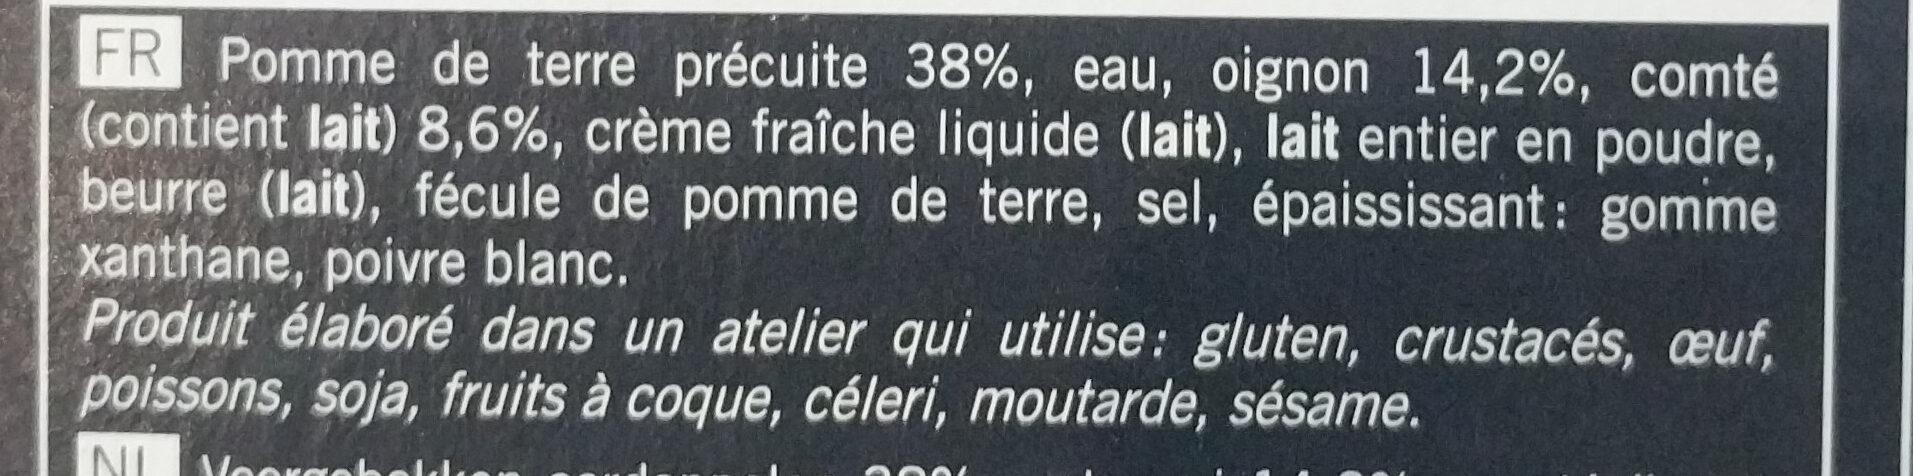 Gratin de pomme de terre, oignon, comté surgelé - Ingredients - fr